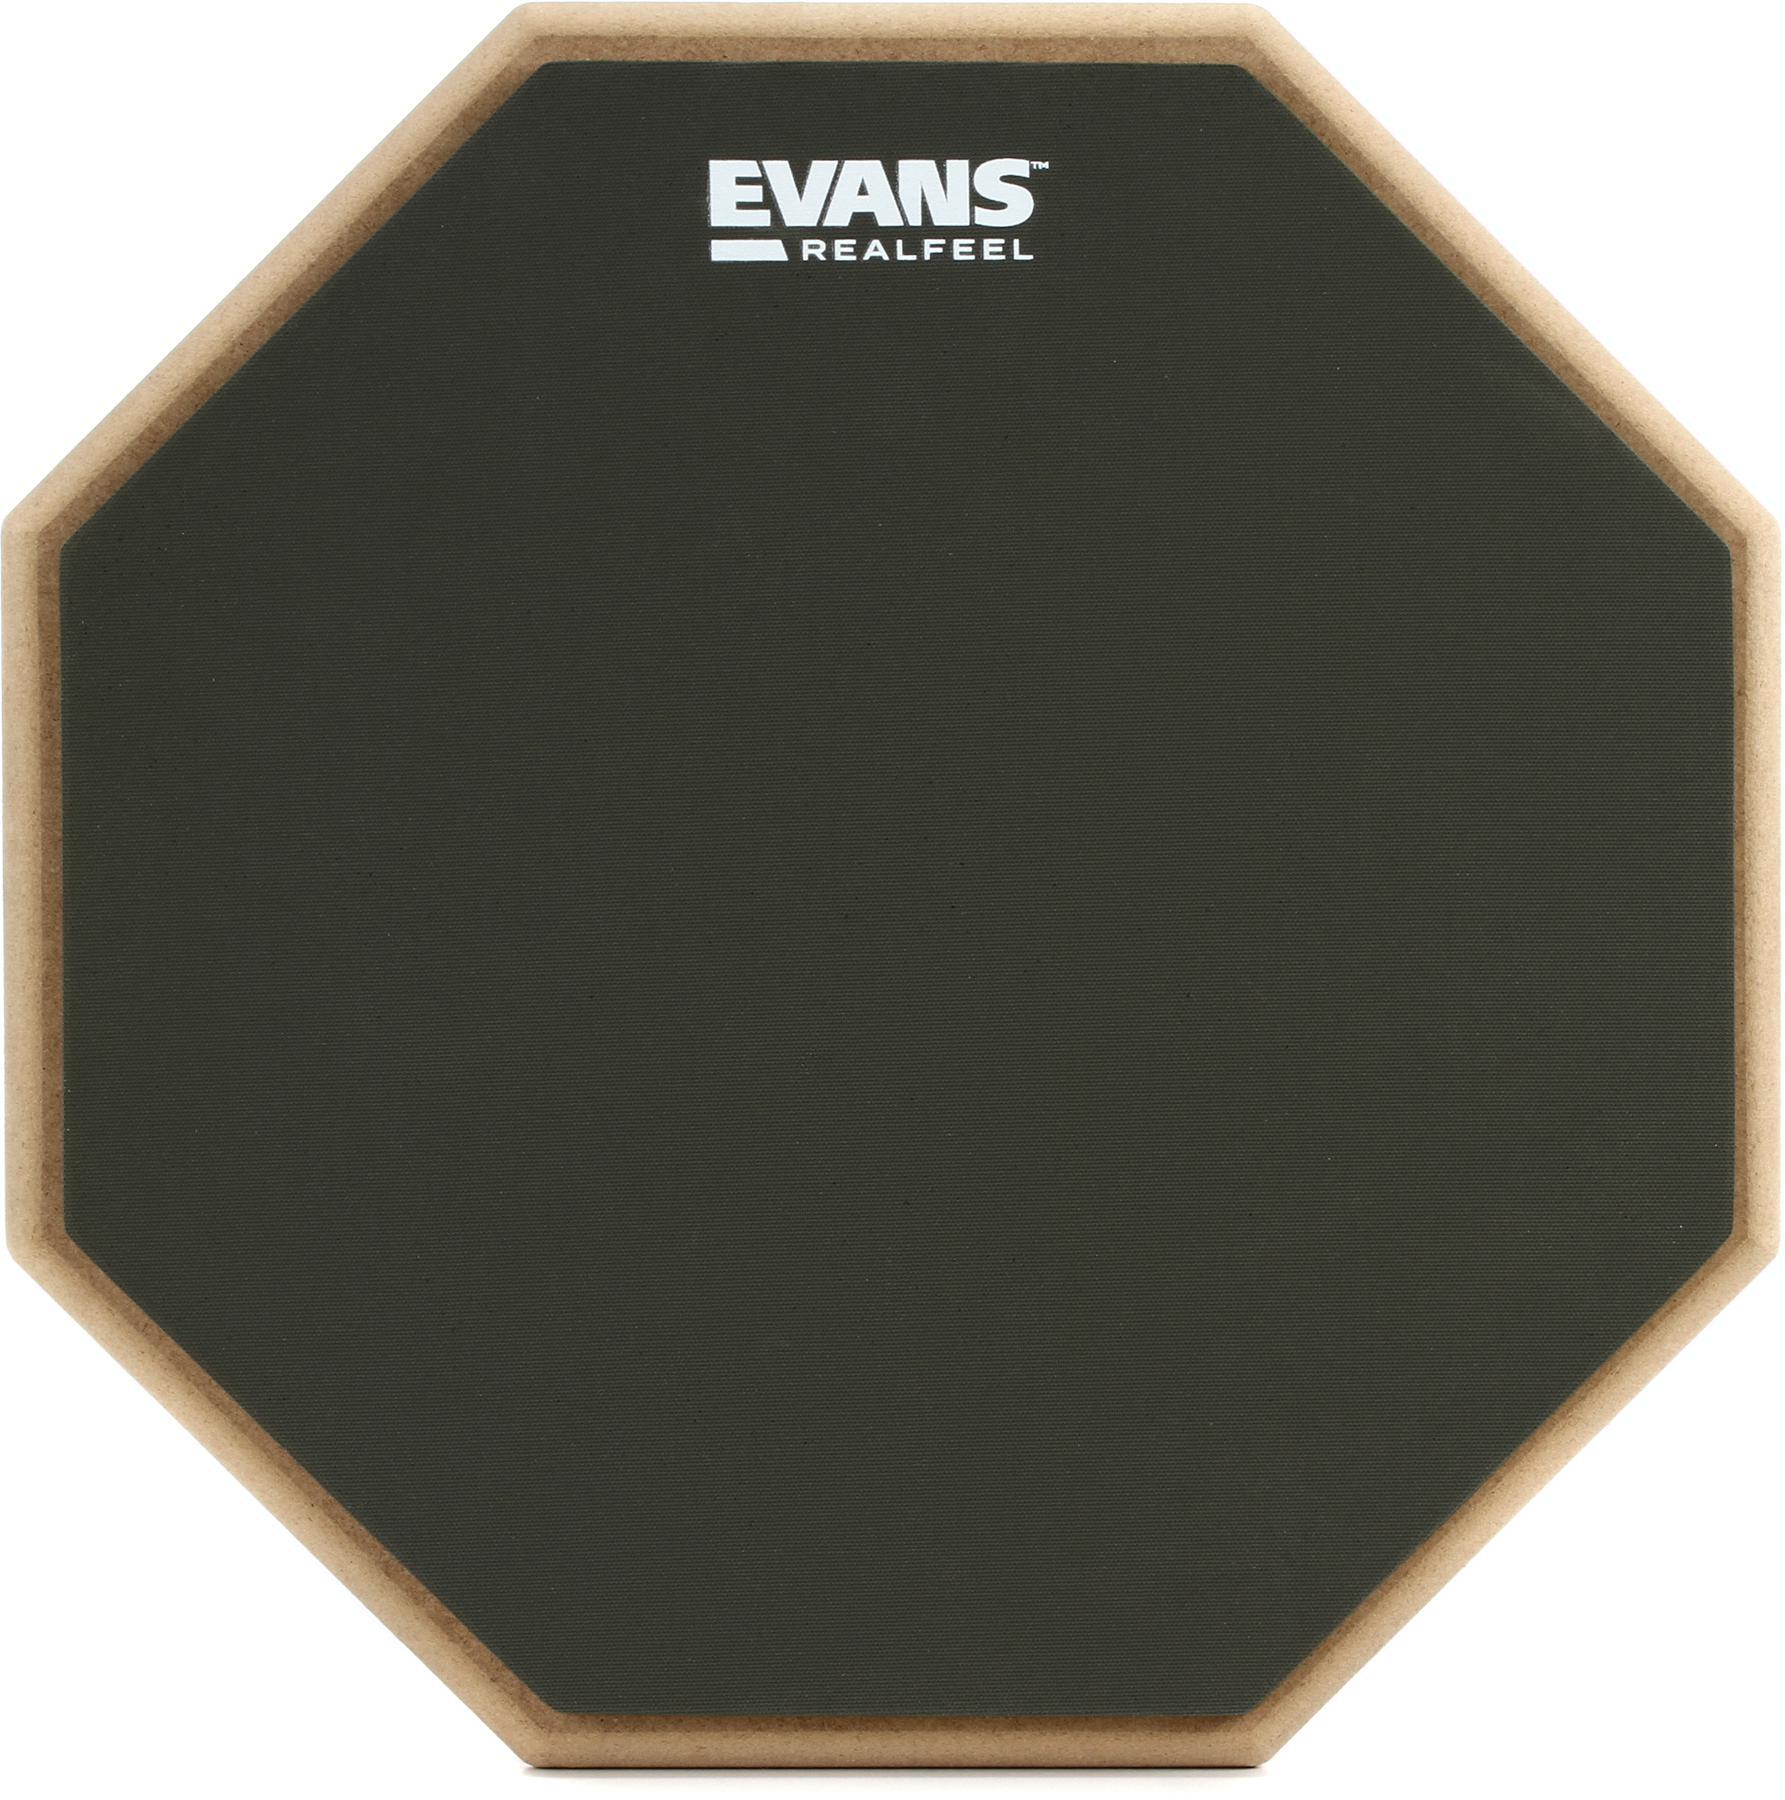 1. Evans Realfeel 2-Sided Practice Pad